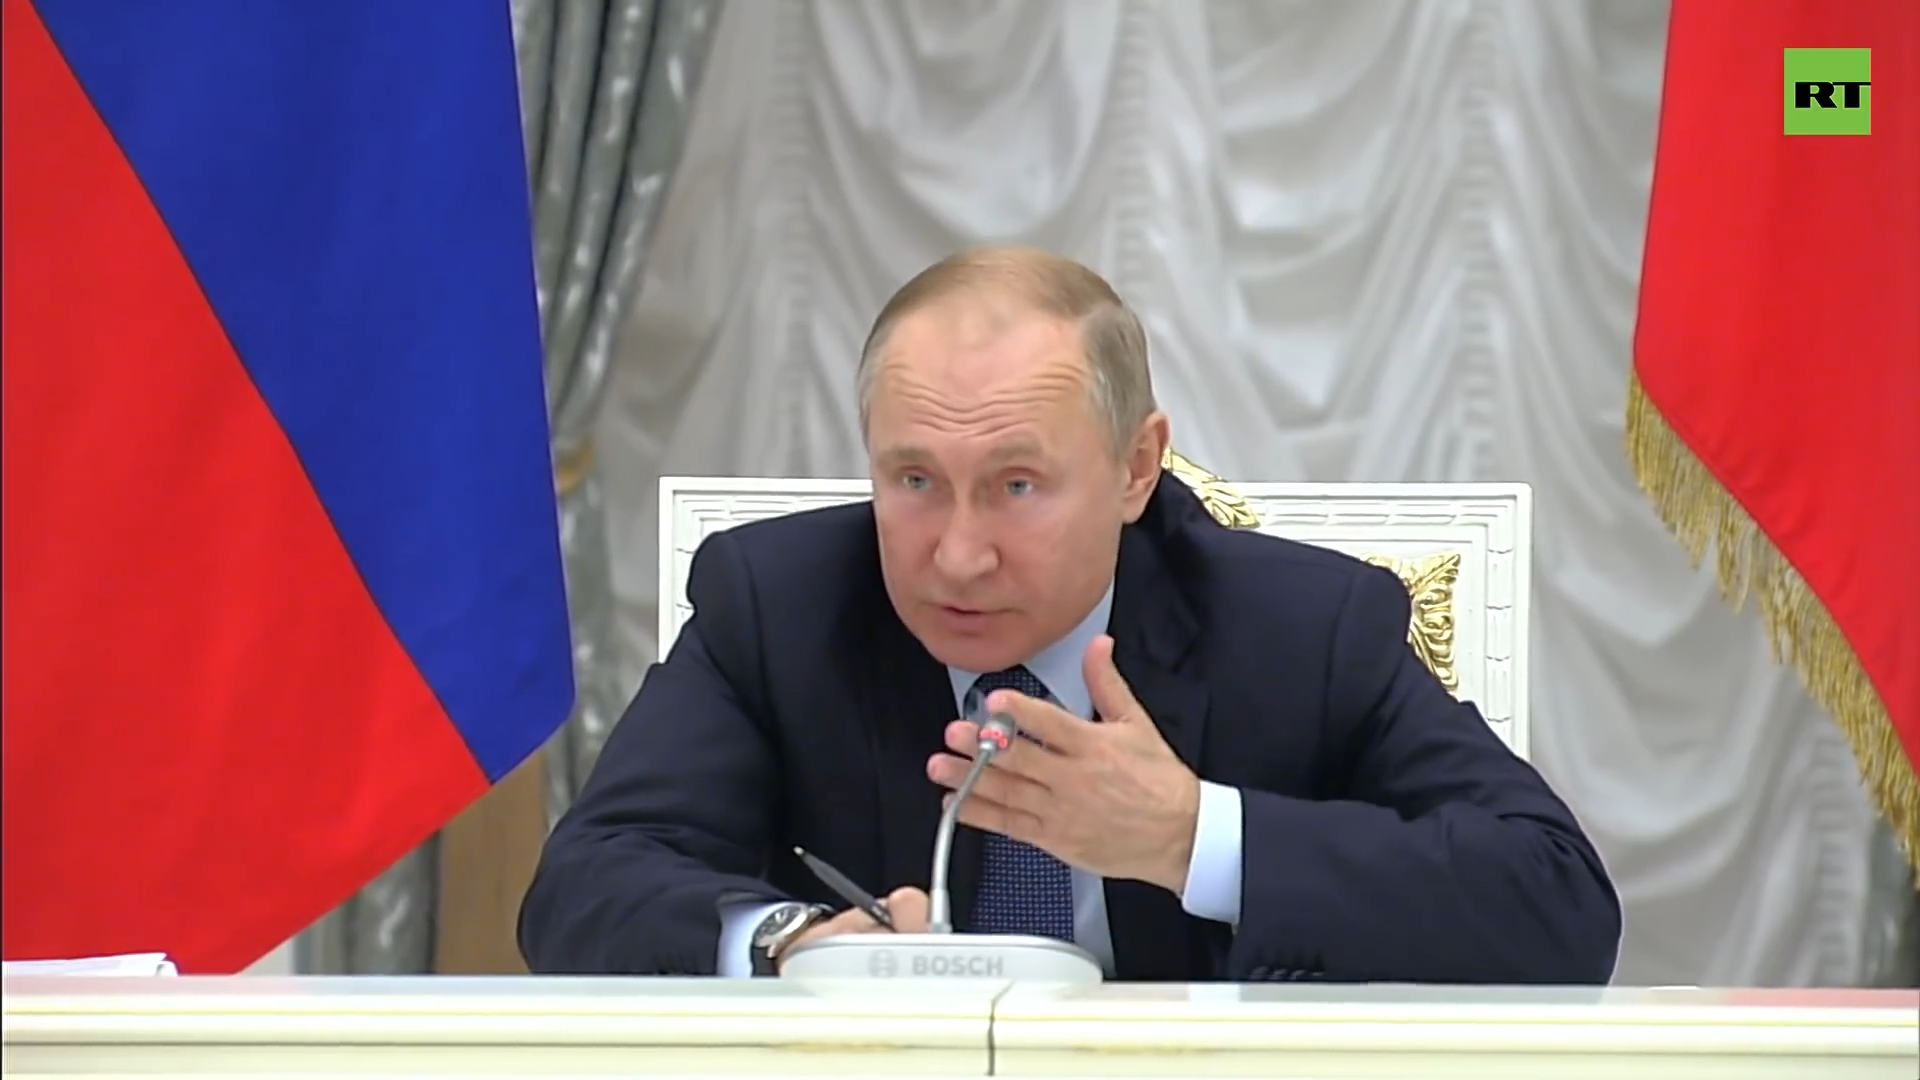 20191105-Путин подпишет указ о праздновании юбилея Пушкина в 2024 году — Российская газета-pic6